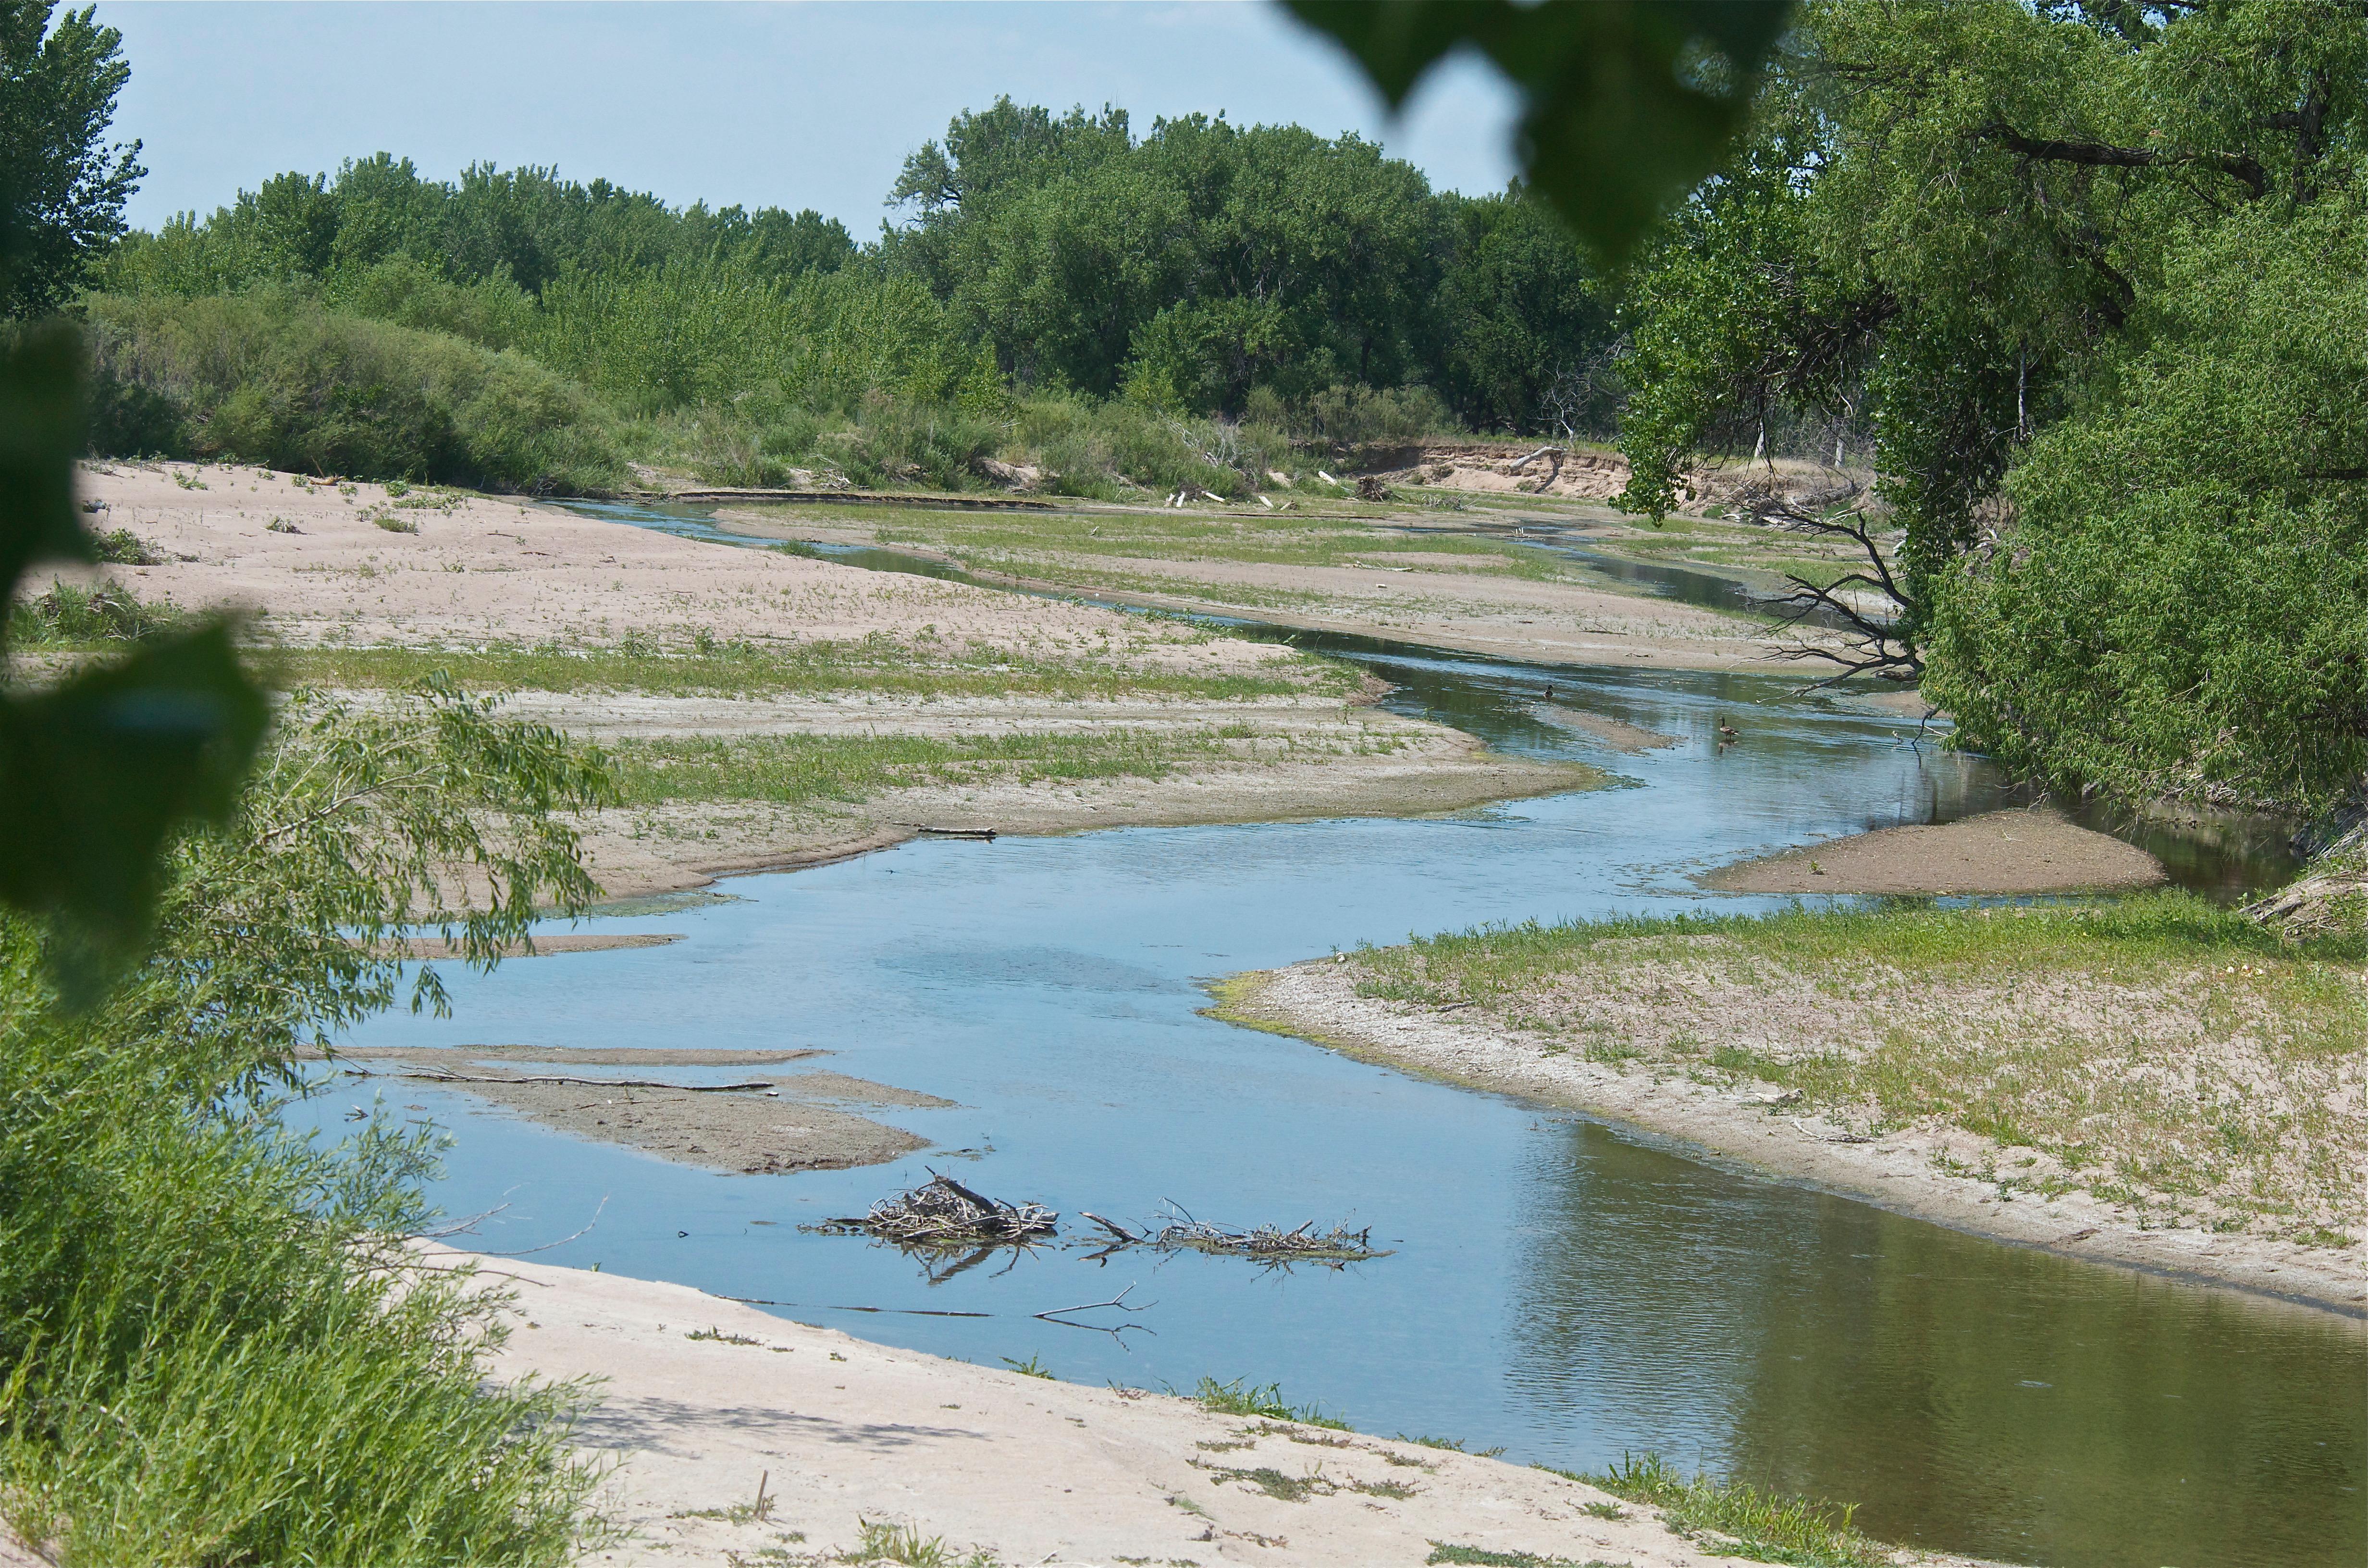 S. Platte at Bravo 34 Spillway (6-13-12)